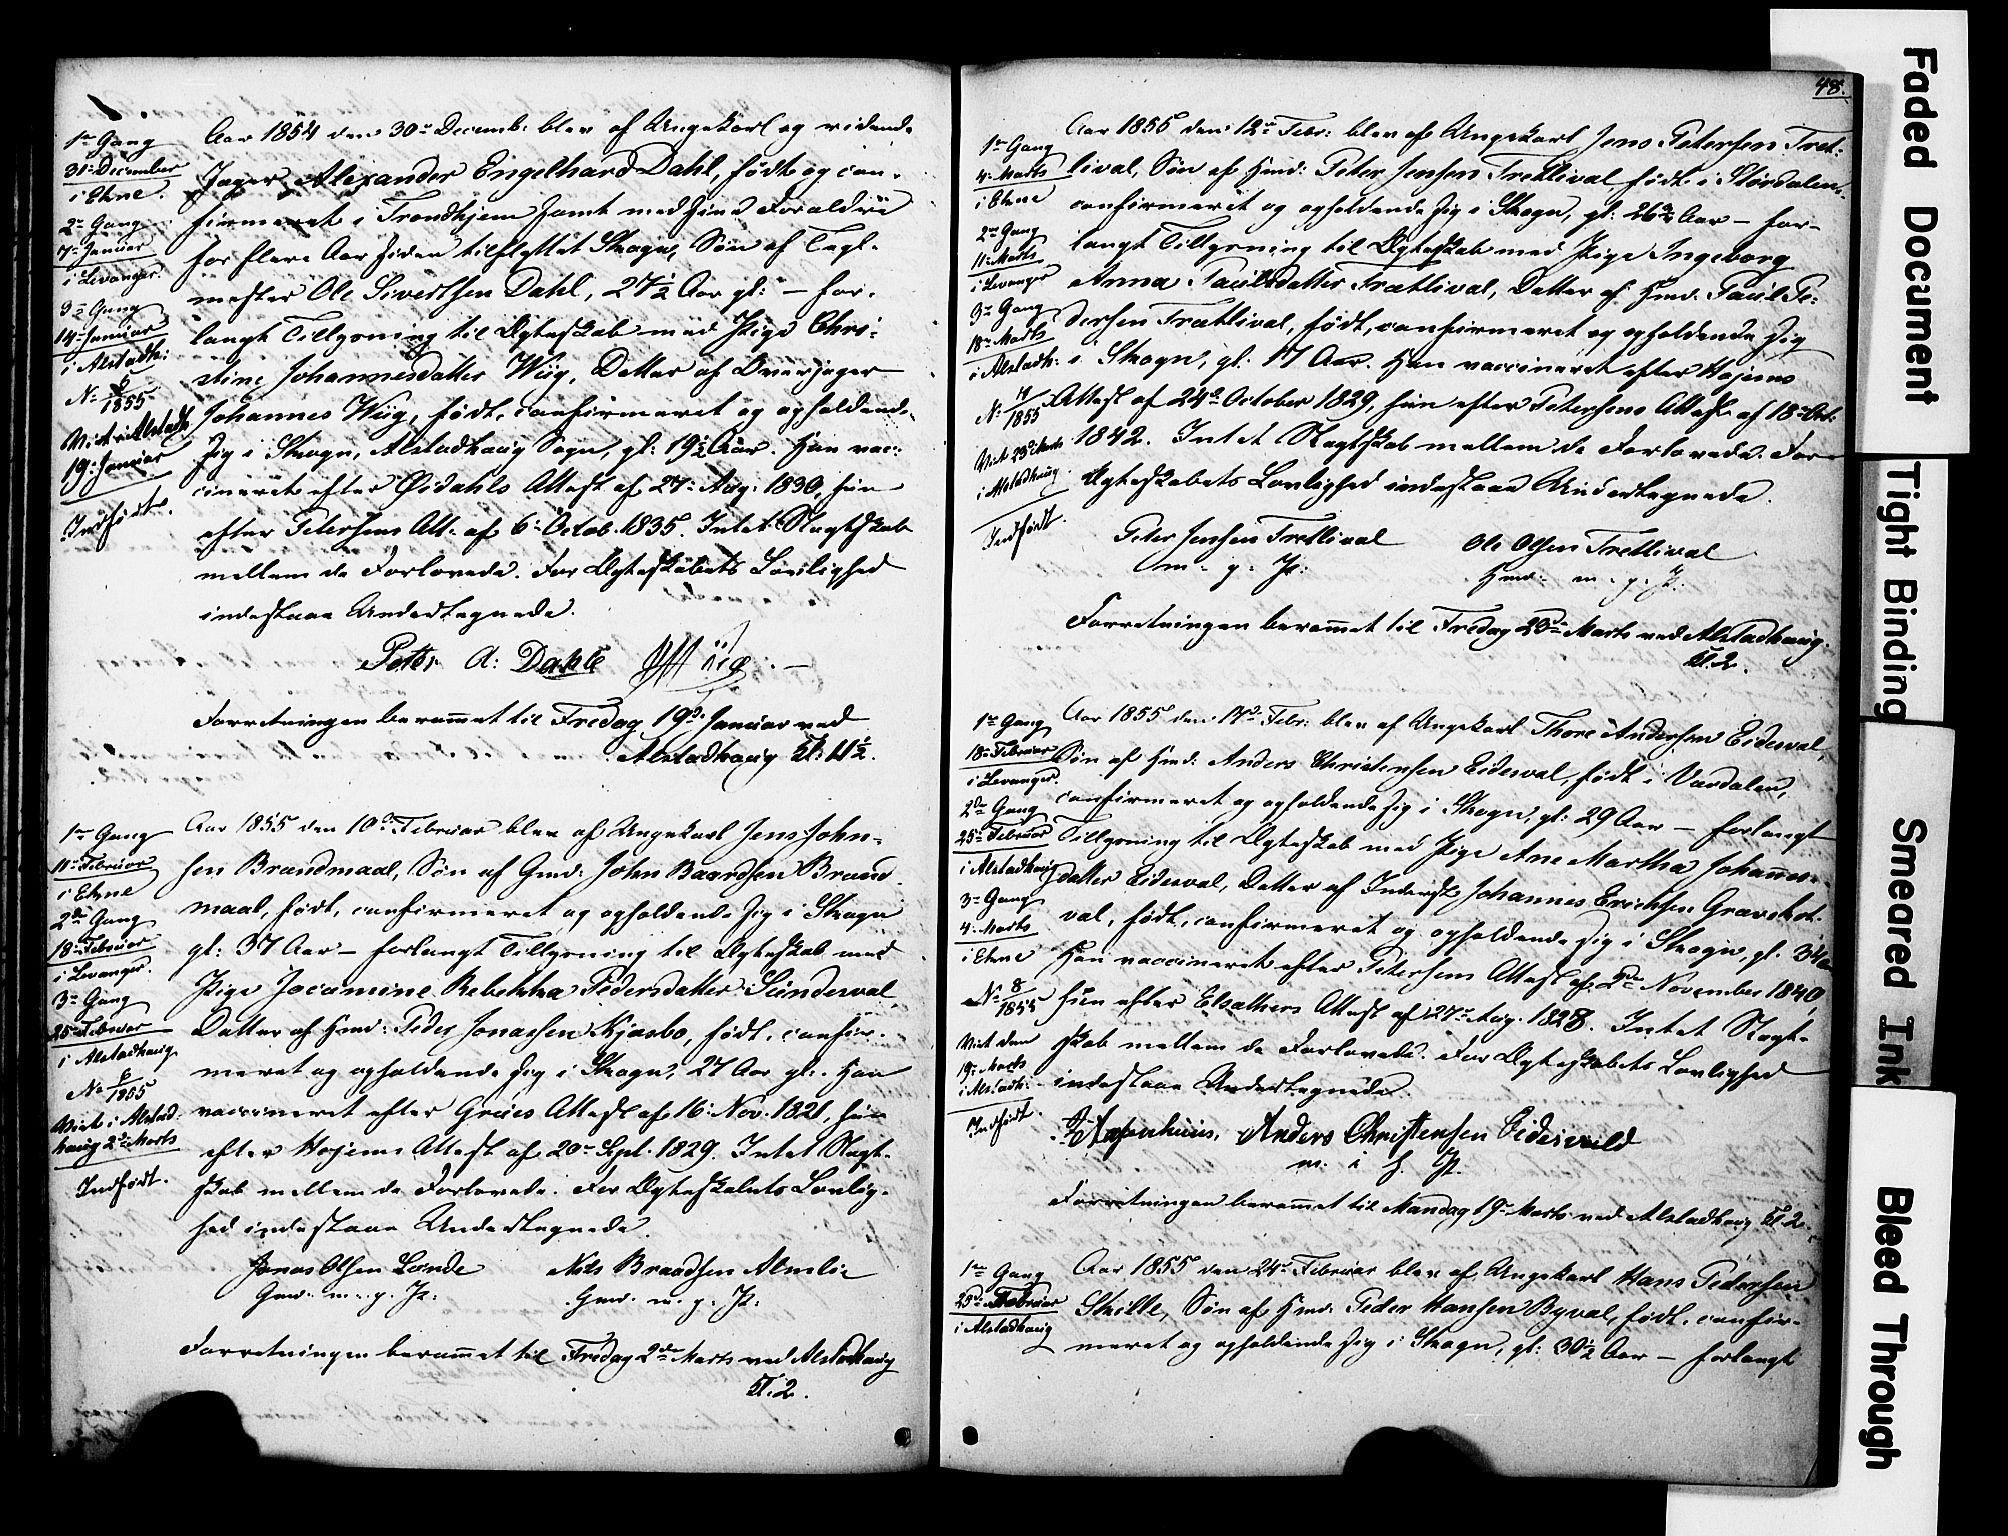 SAT, Ministerialprotokoller, klokkerbøker og fødselsregistre - Nord-Trøndelag, 717/L0161: Forlovererklæringer nr. 717A11, 1850-1895, s. 48